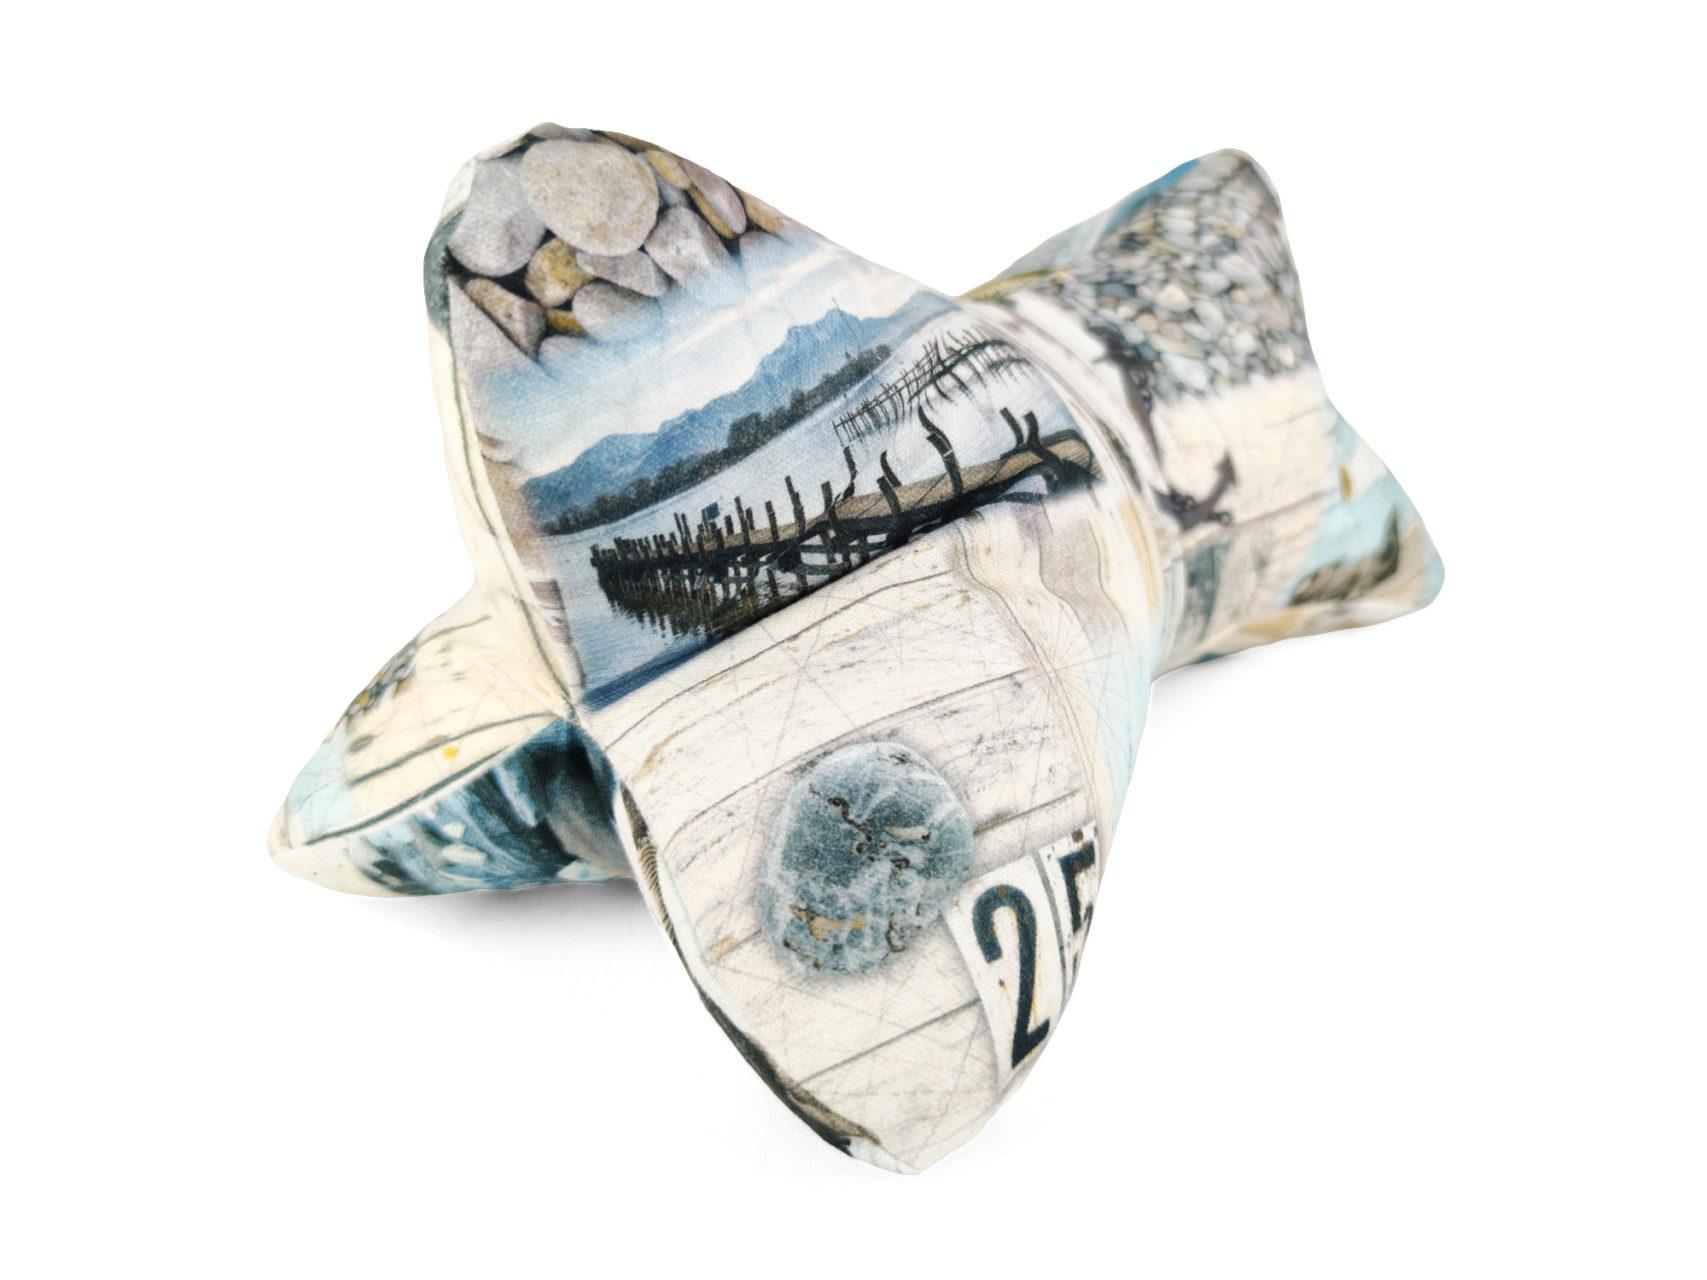 Leseknochen Leinen los - bedruckt mit maritimen Motiven, wie Anker, Steuerrad und Möwen